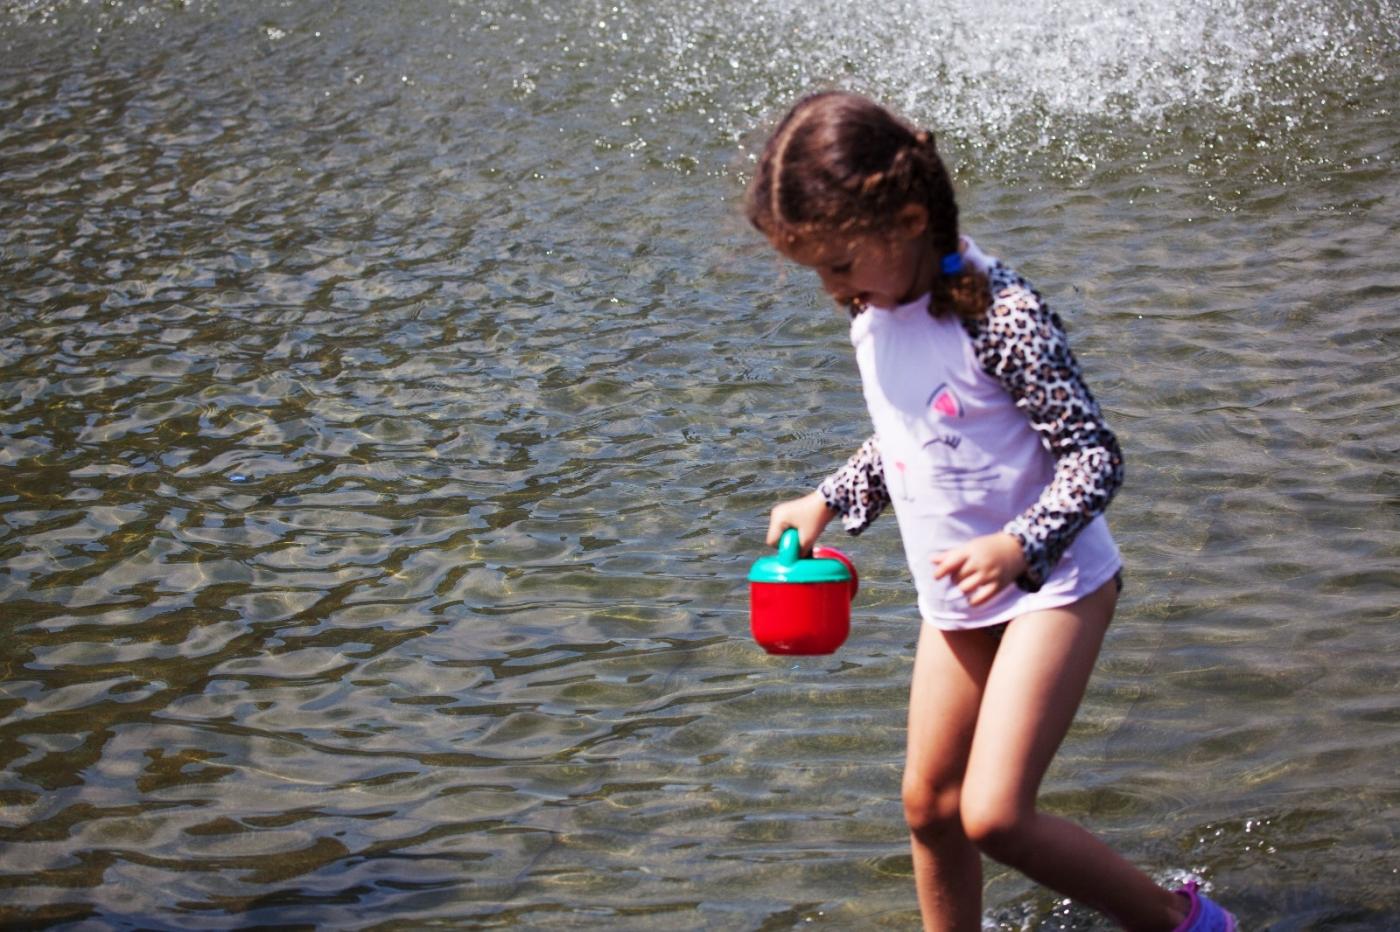 在喷水池中戏水的小孩,天真活泼(摄于纽约华盛顿广场喷水池) ... ... ..._图1-2